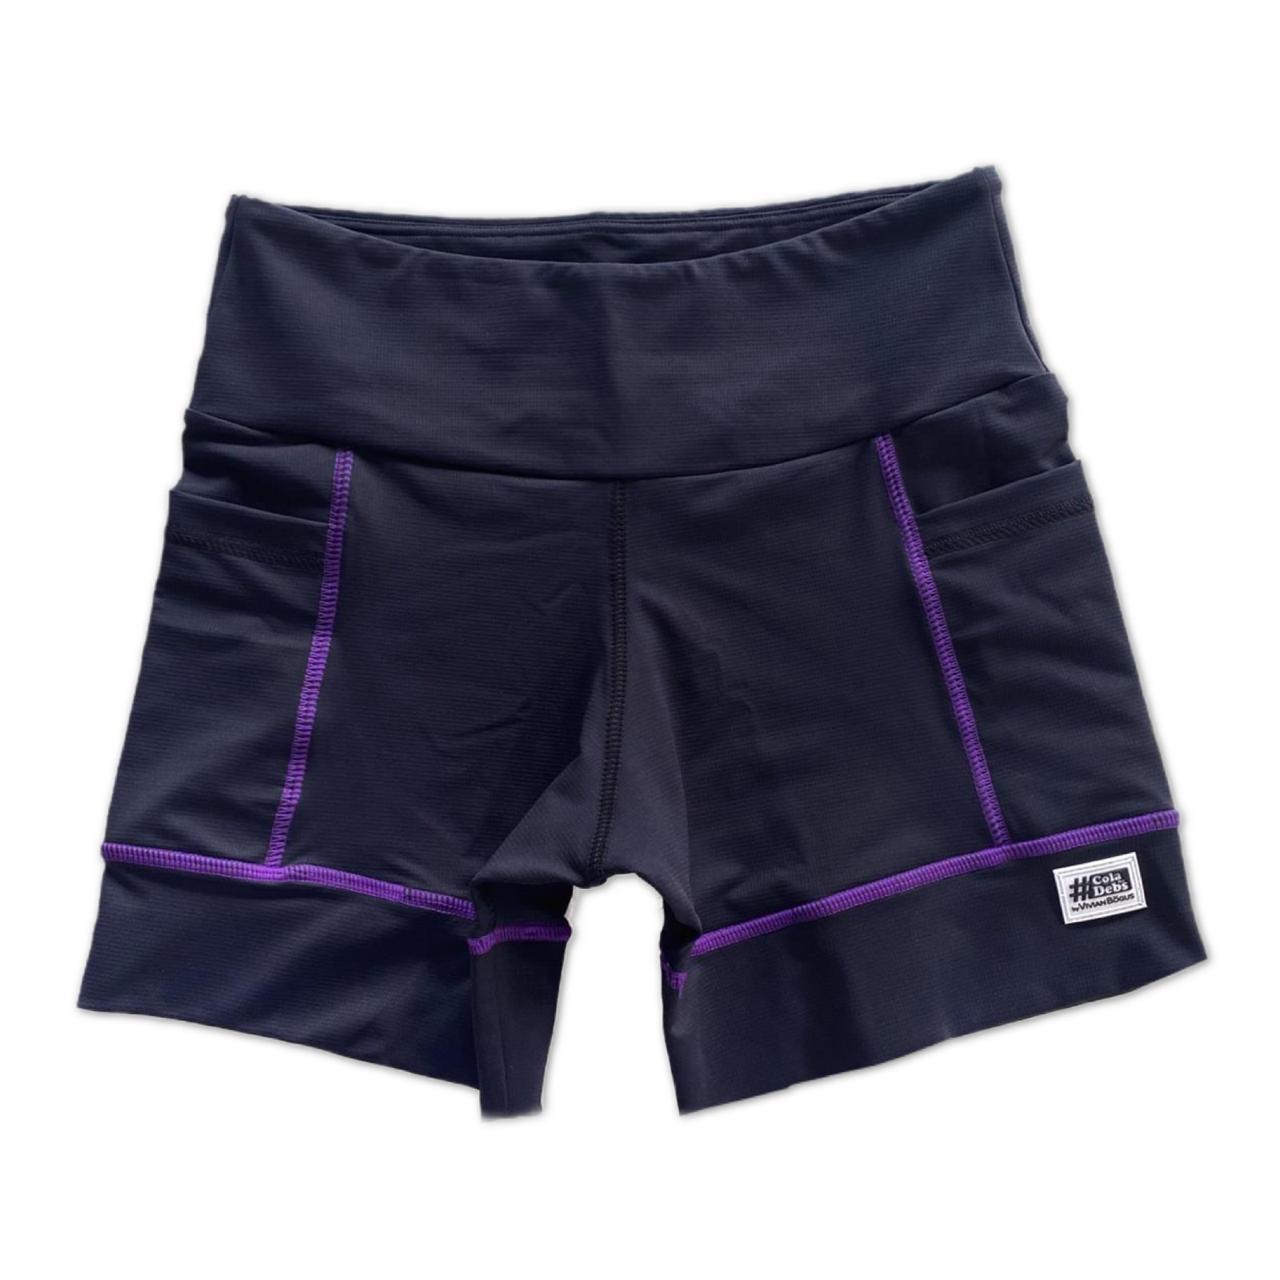 Shorts de compressão square em compress preto com costura roxa  - Vivian Bógus